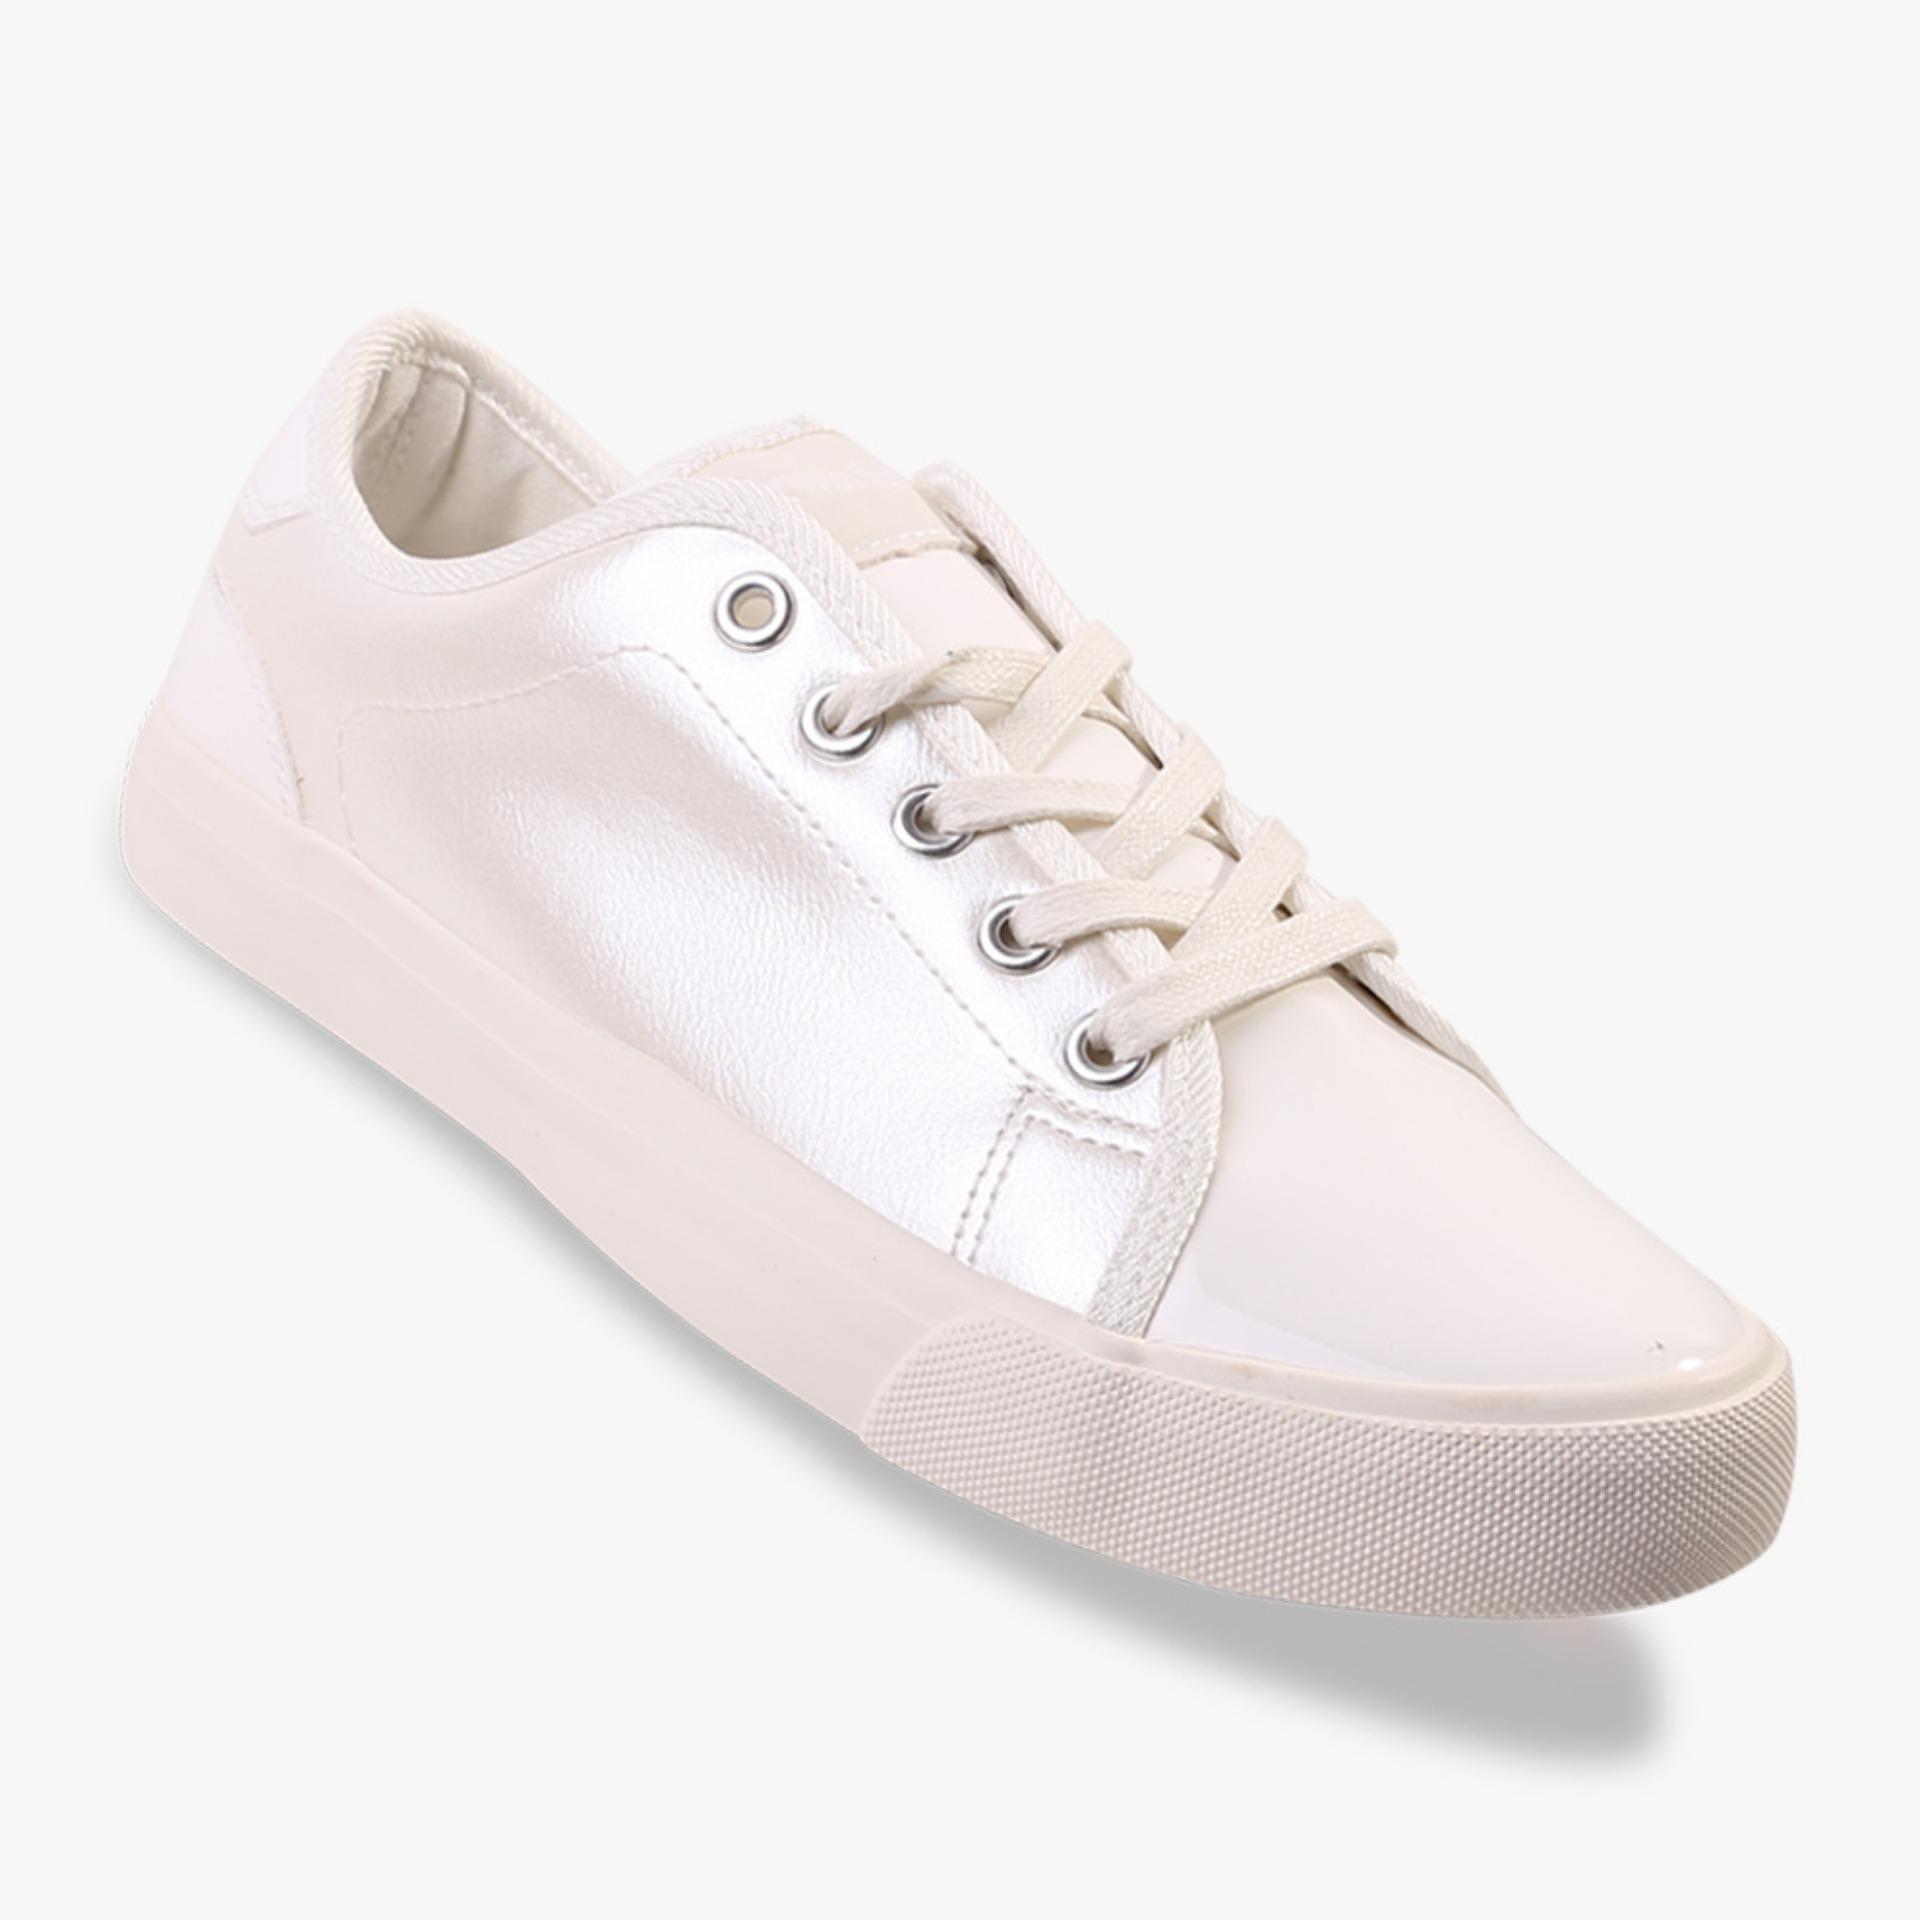 Jual Airwalk Jyle Women S Sneakers Shoes Putih Satu Set